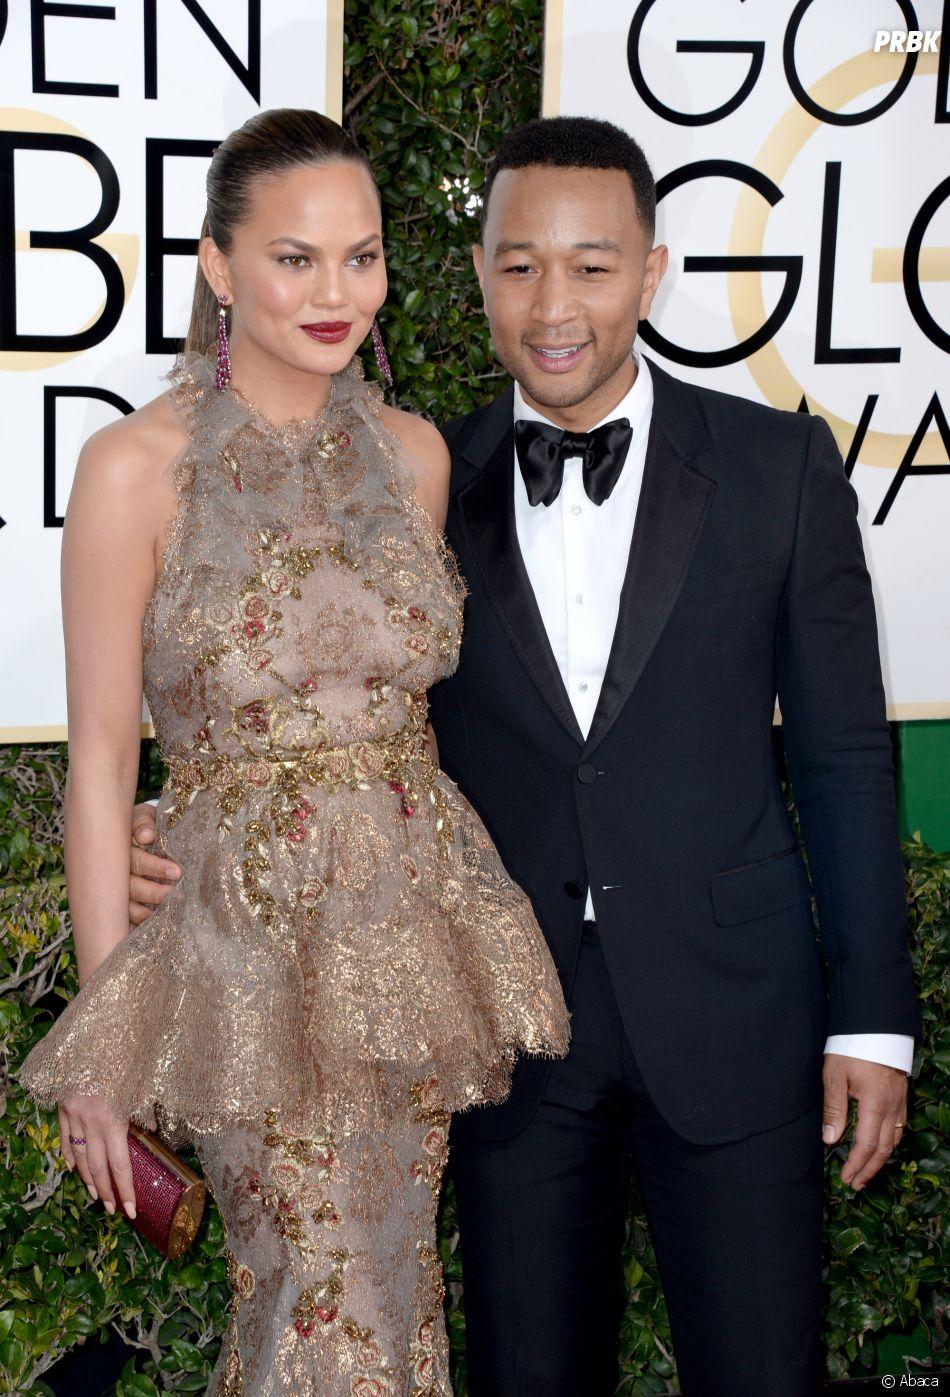 John Legend et Chrissy Tygen sur le tapis-rouge des Golden Globes 2017 le 8 janvier à Los Angeles